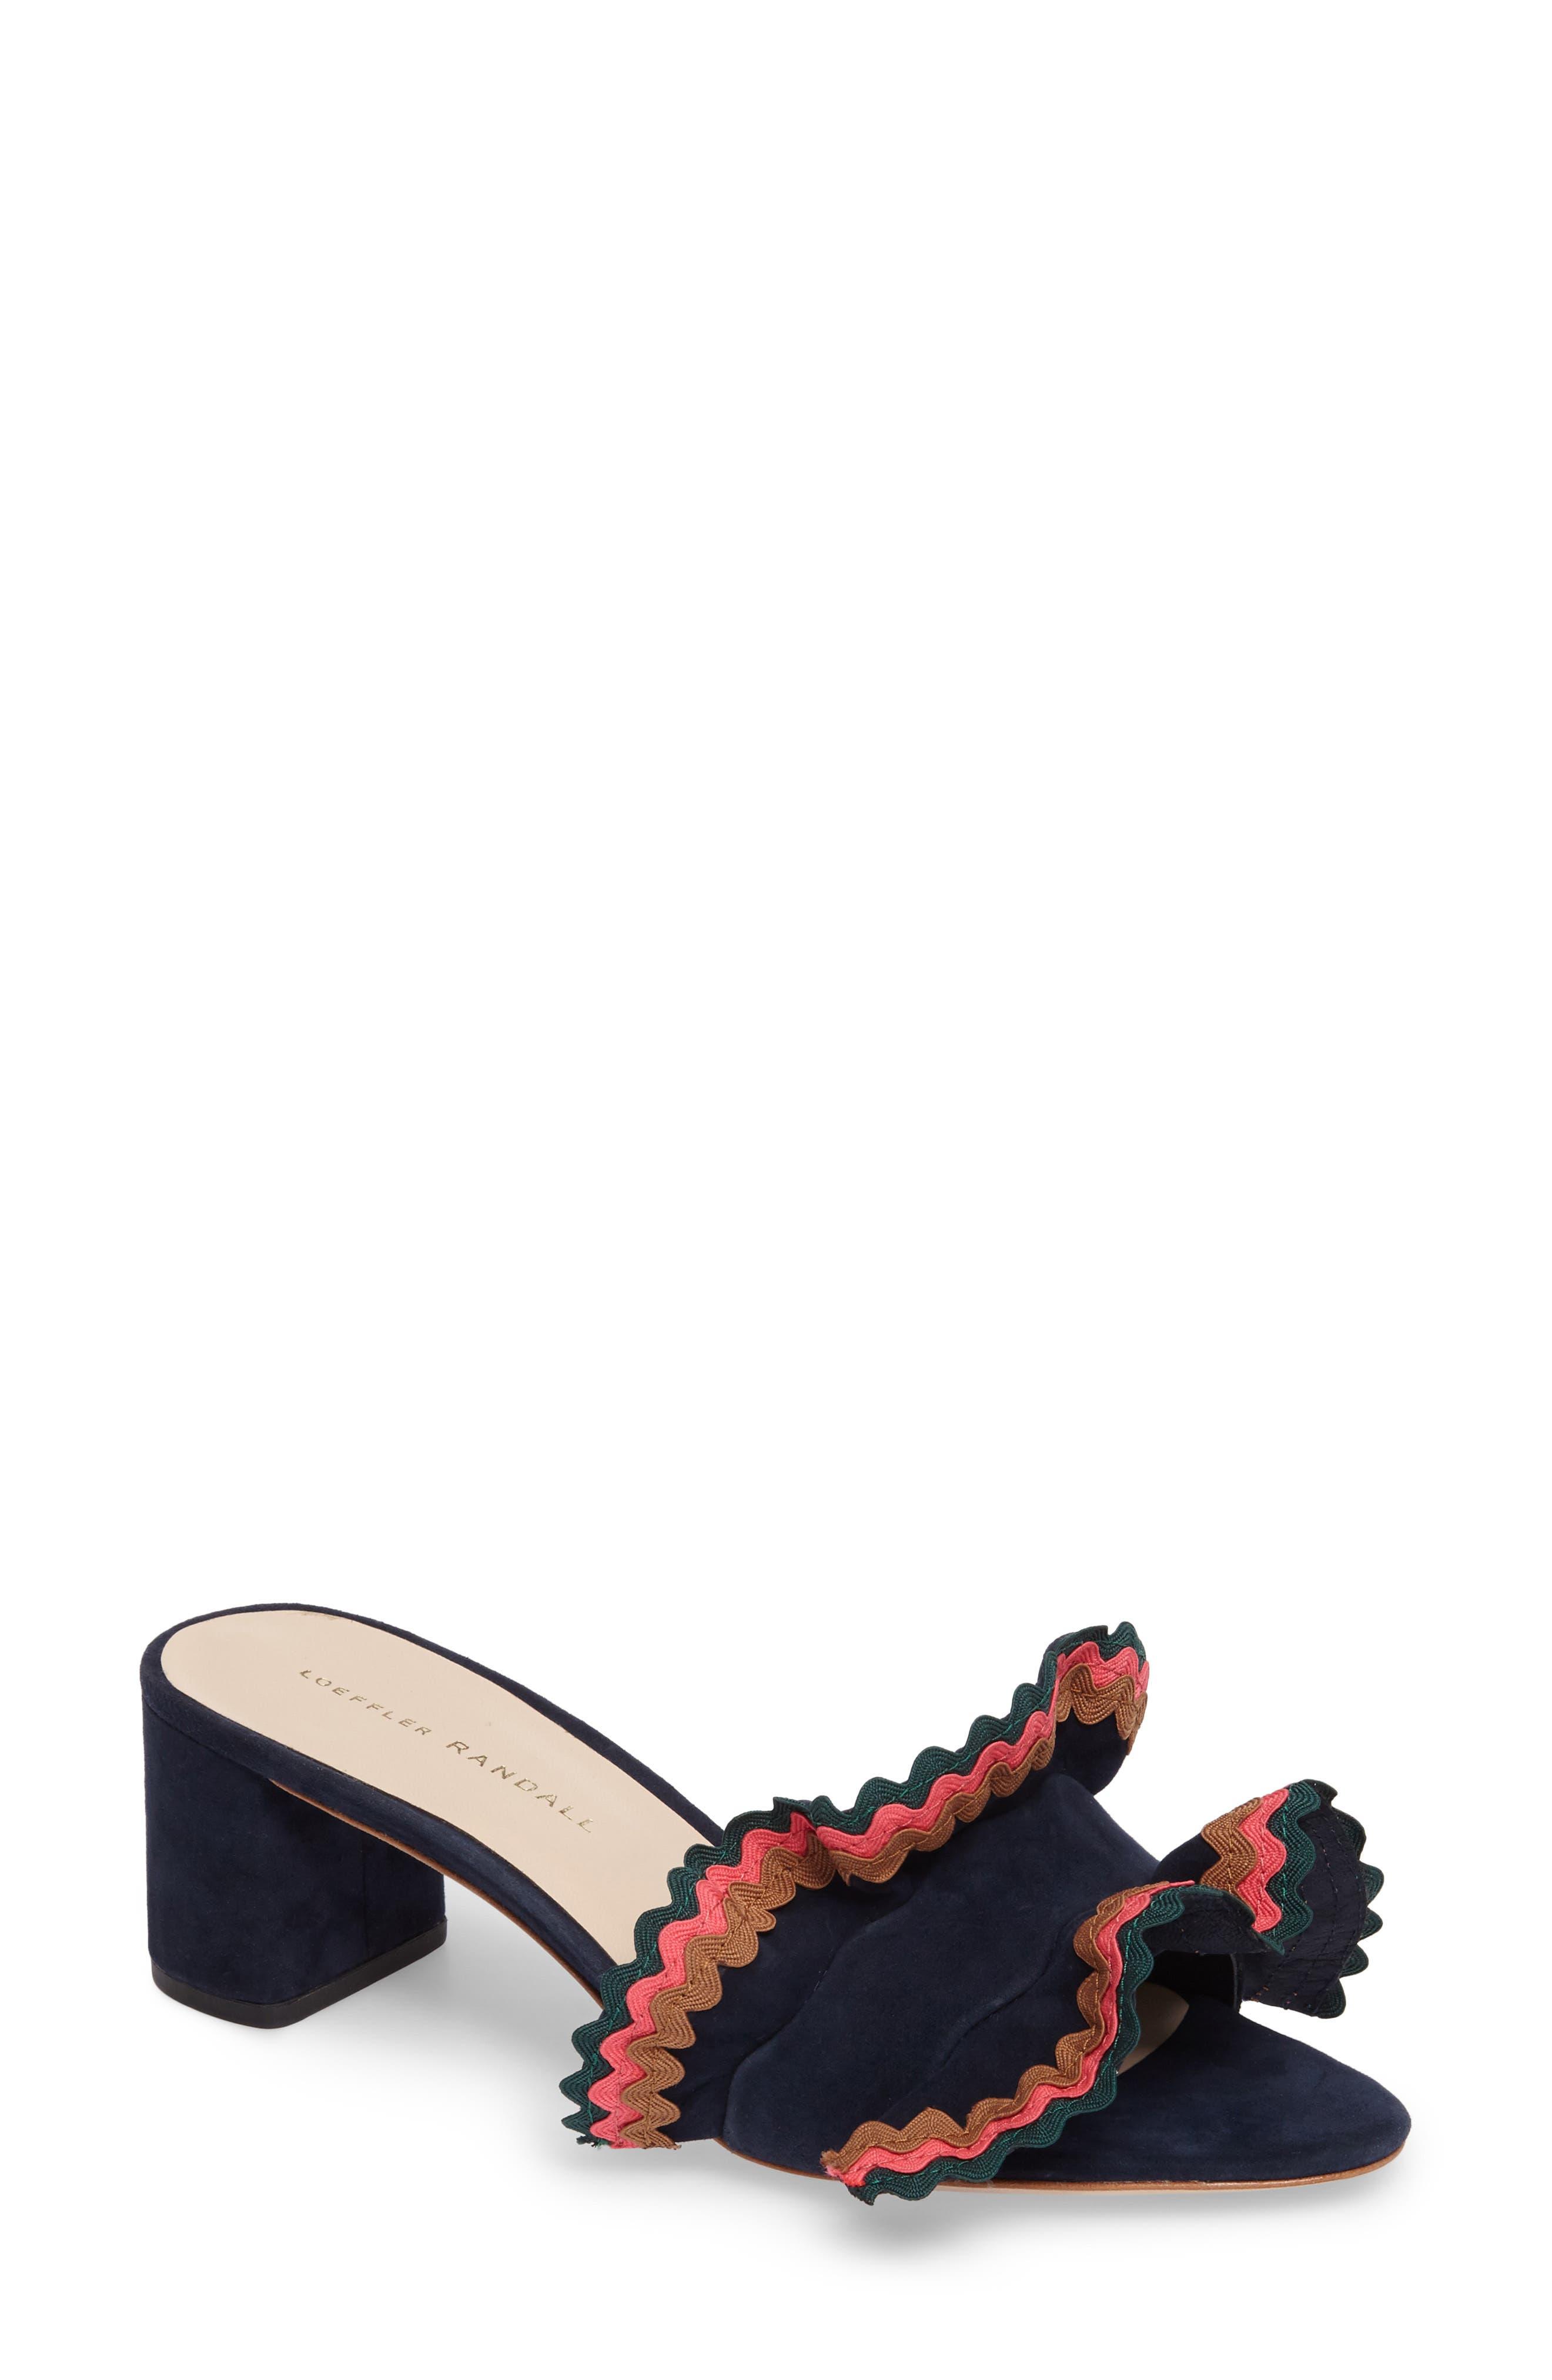 Alternate Image 1 Selected - Loeffler Randall Vera Ruffled Slide Sandal (Women)